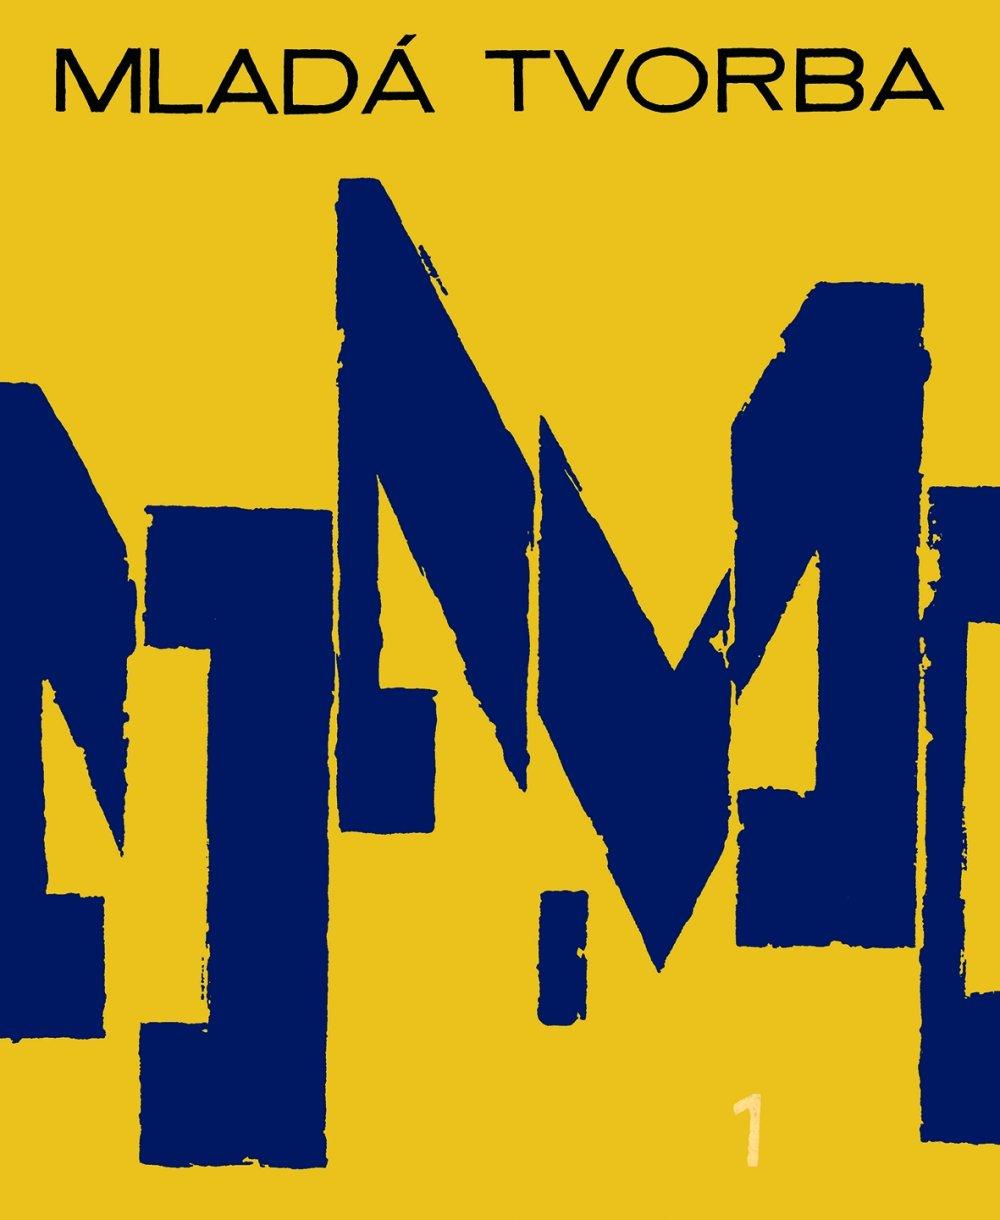 Motív M, typografická obálka Mladej tvorby od Miloša Urbáska, číslo 1, 1966, archív SMD.